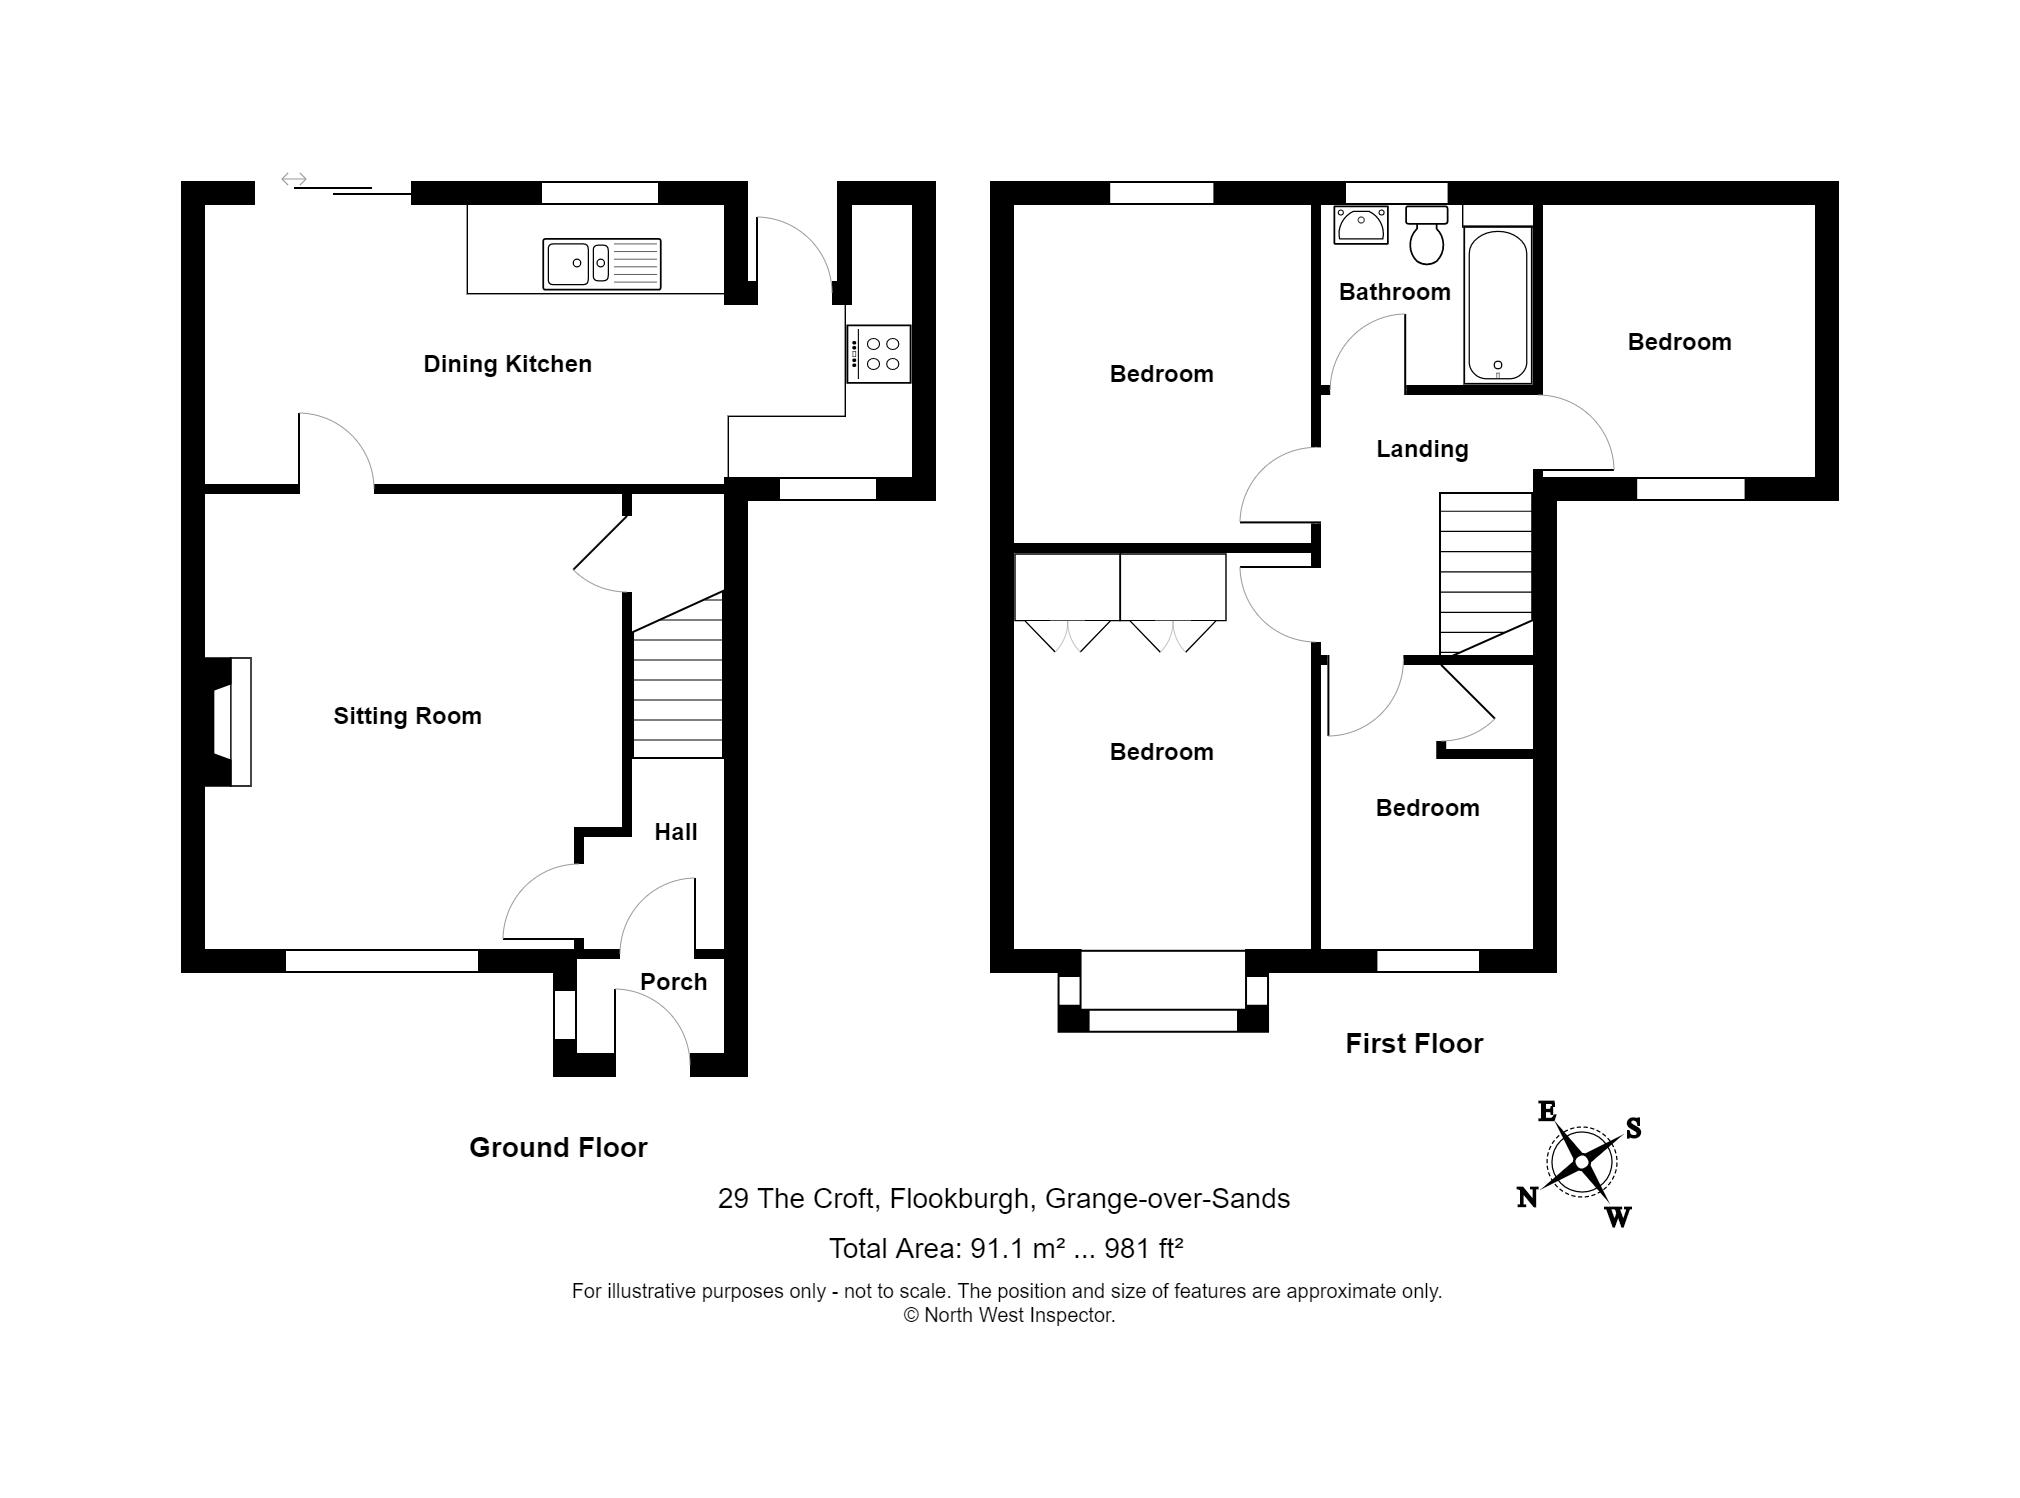 The Croft Flookburgh Grange Over Sands La11 4 Bedroom